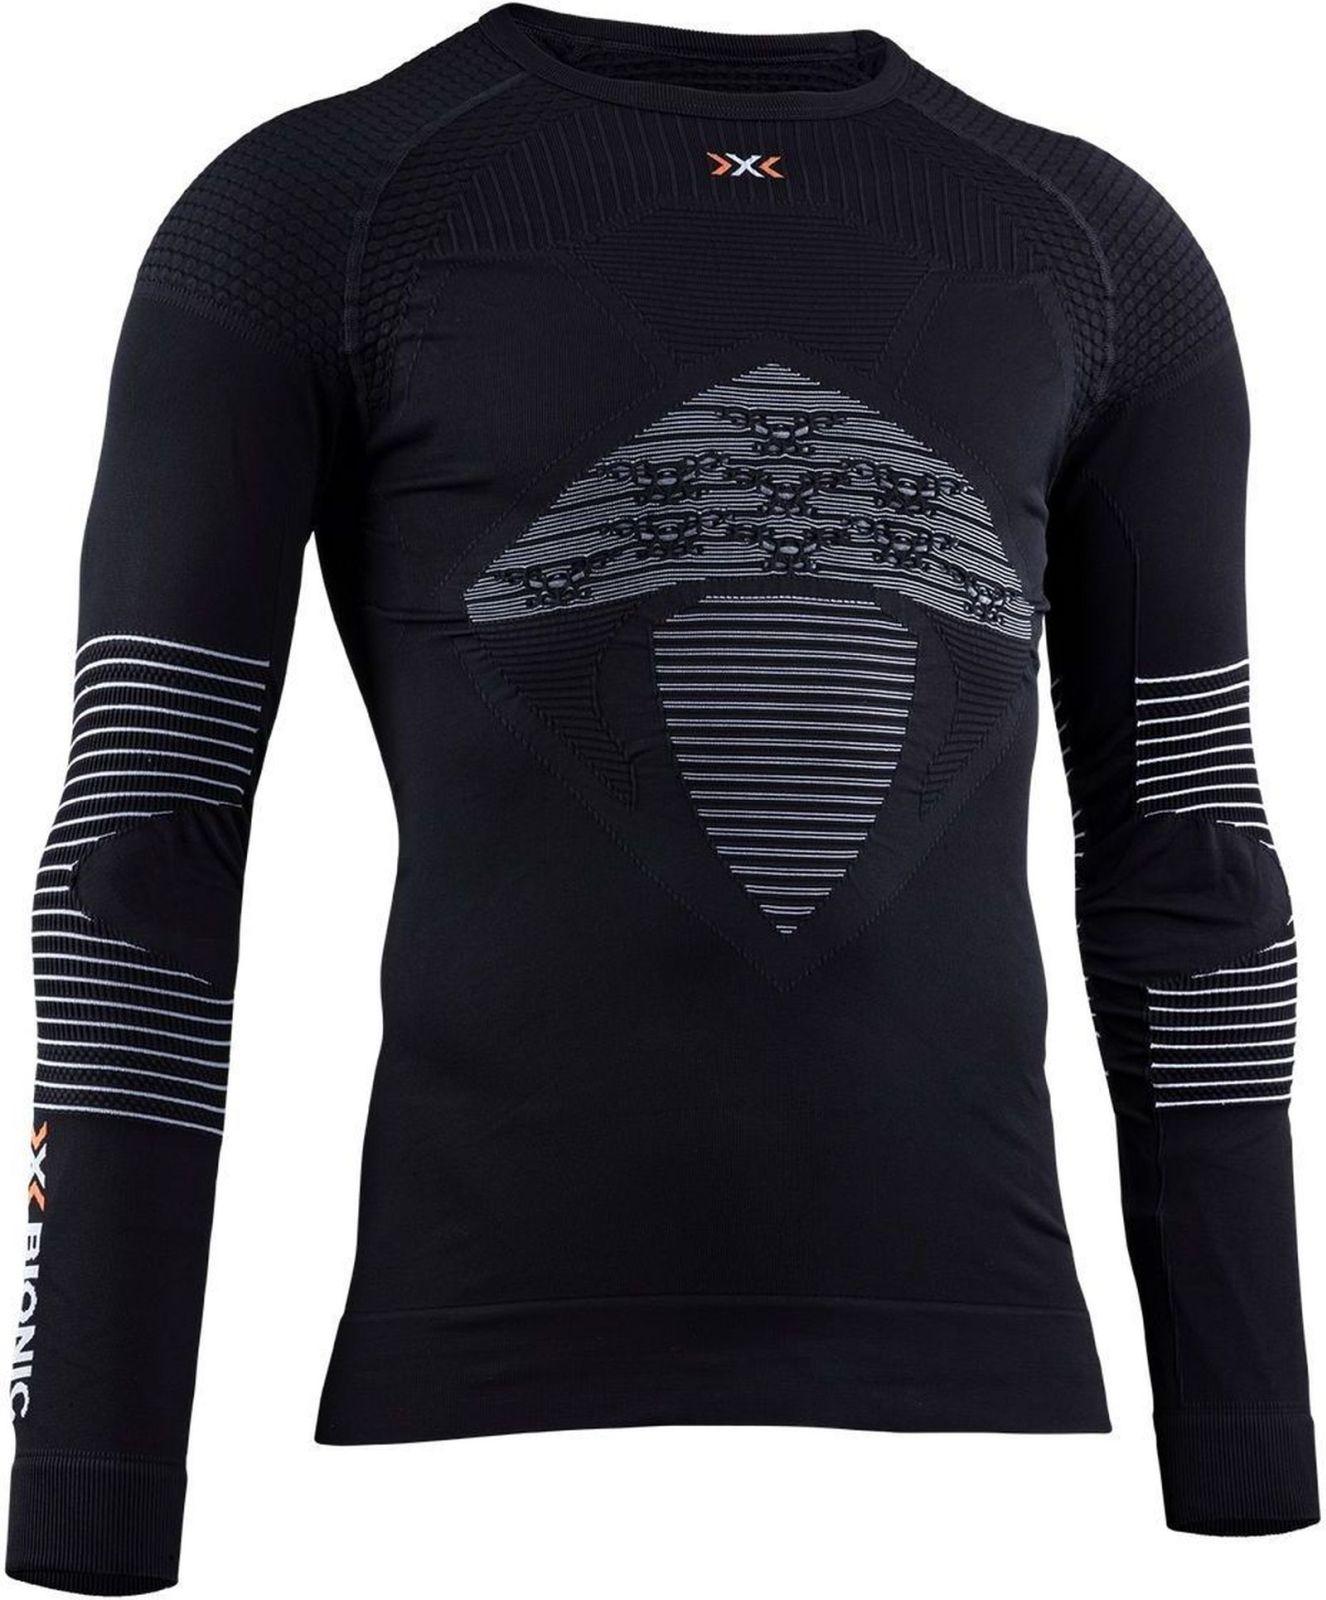 X-Bionic Energizer 4.0 Shirt Lg Sl Men - opal black/arctic white XXL